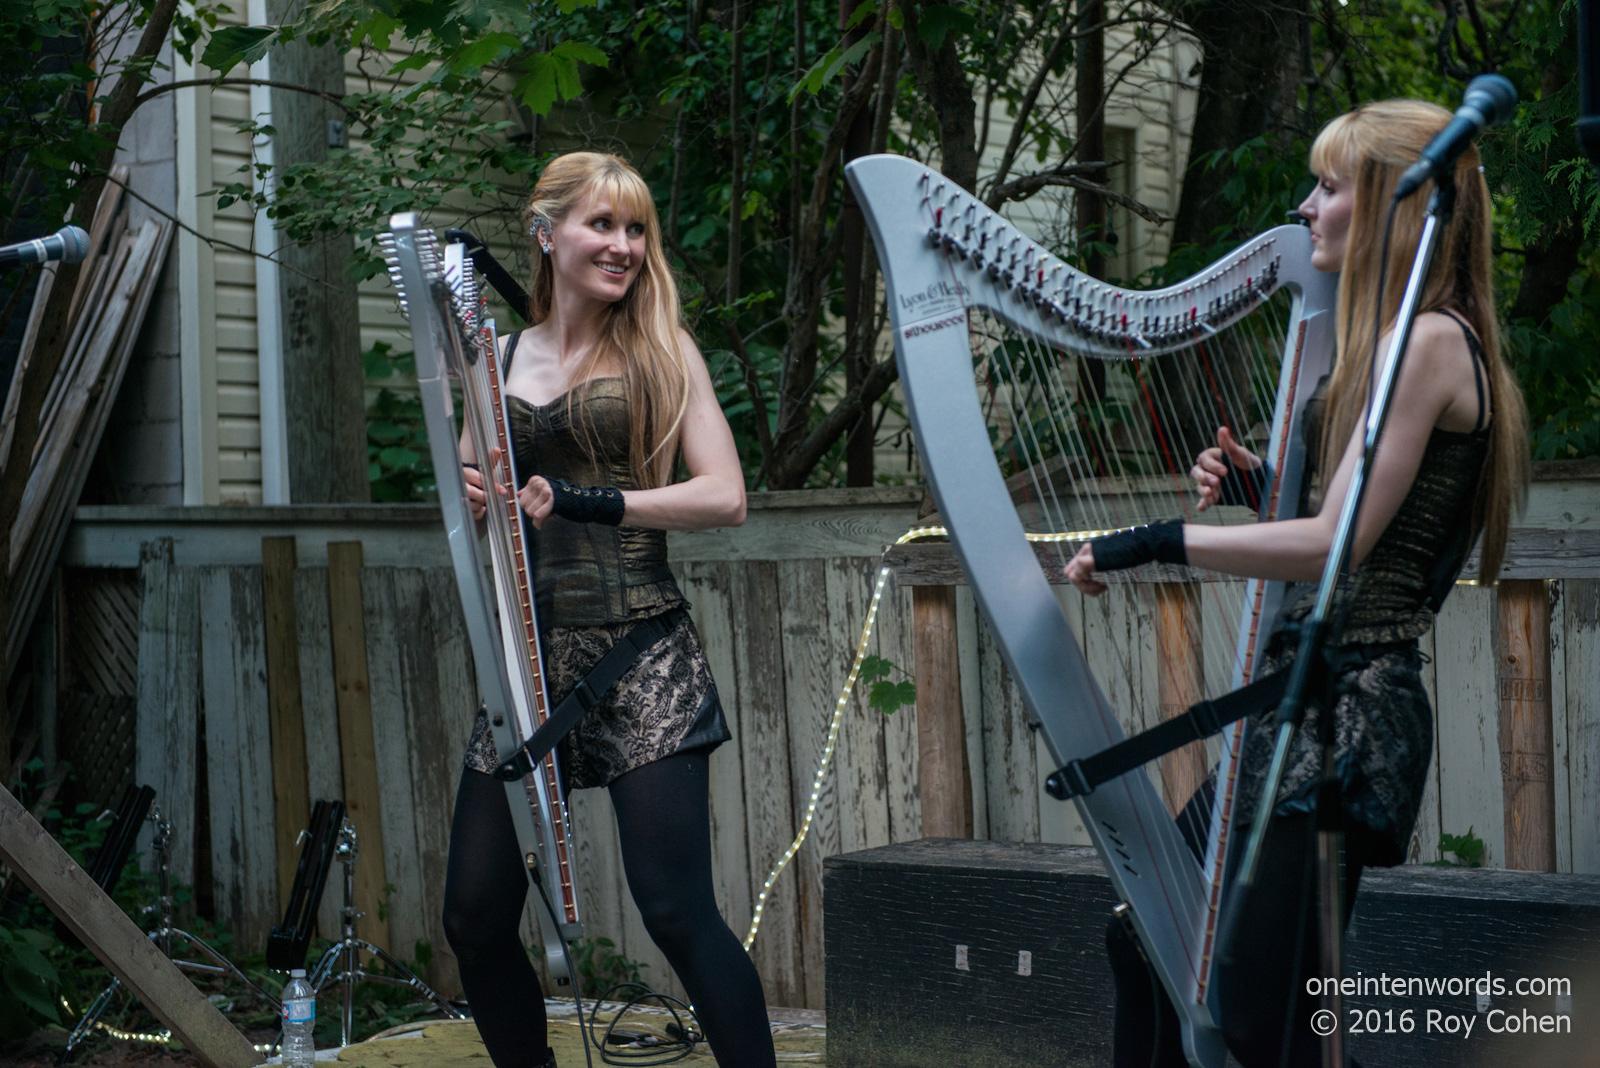 Twins nude harp